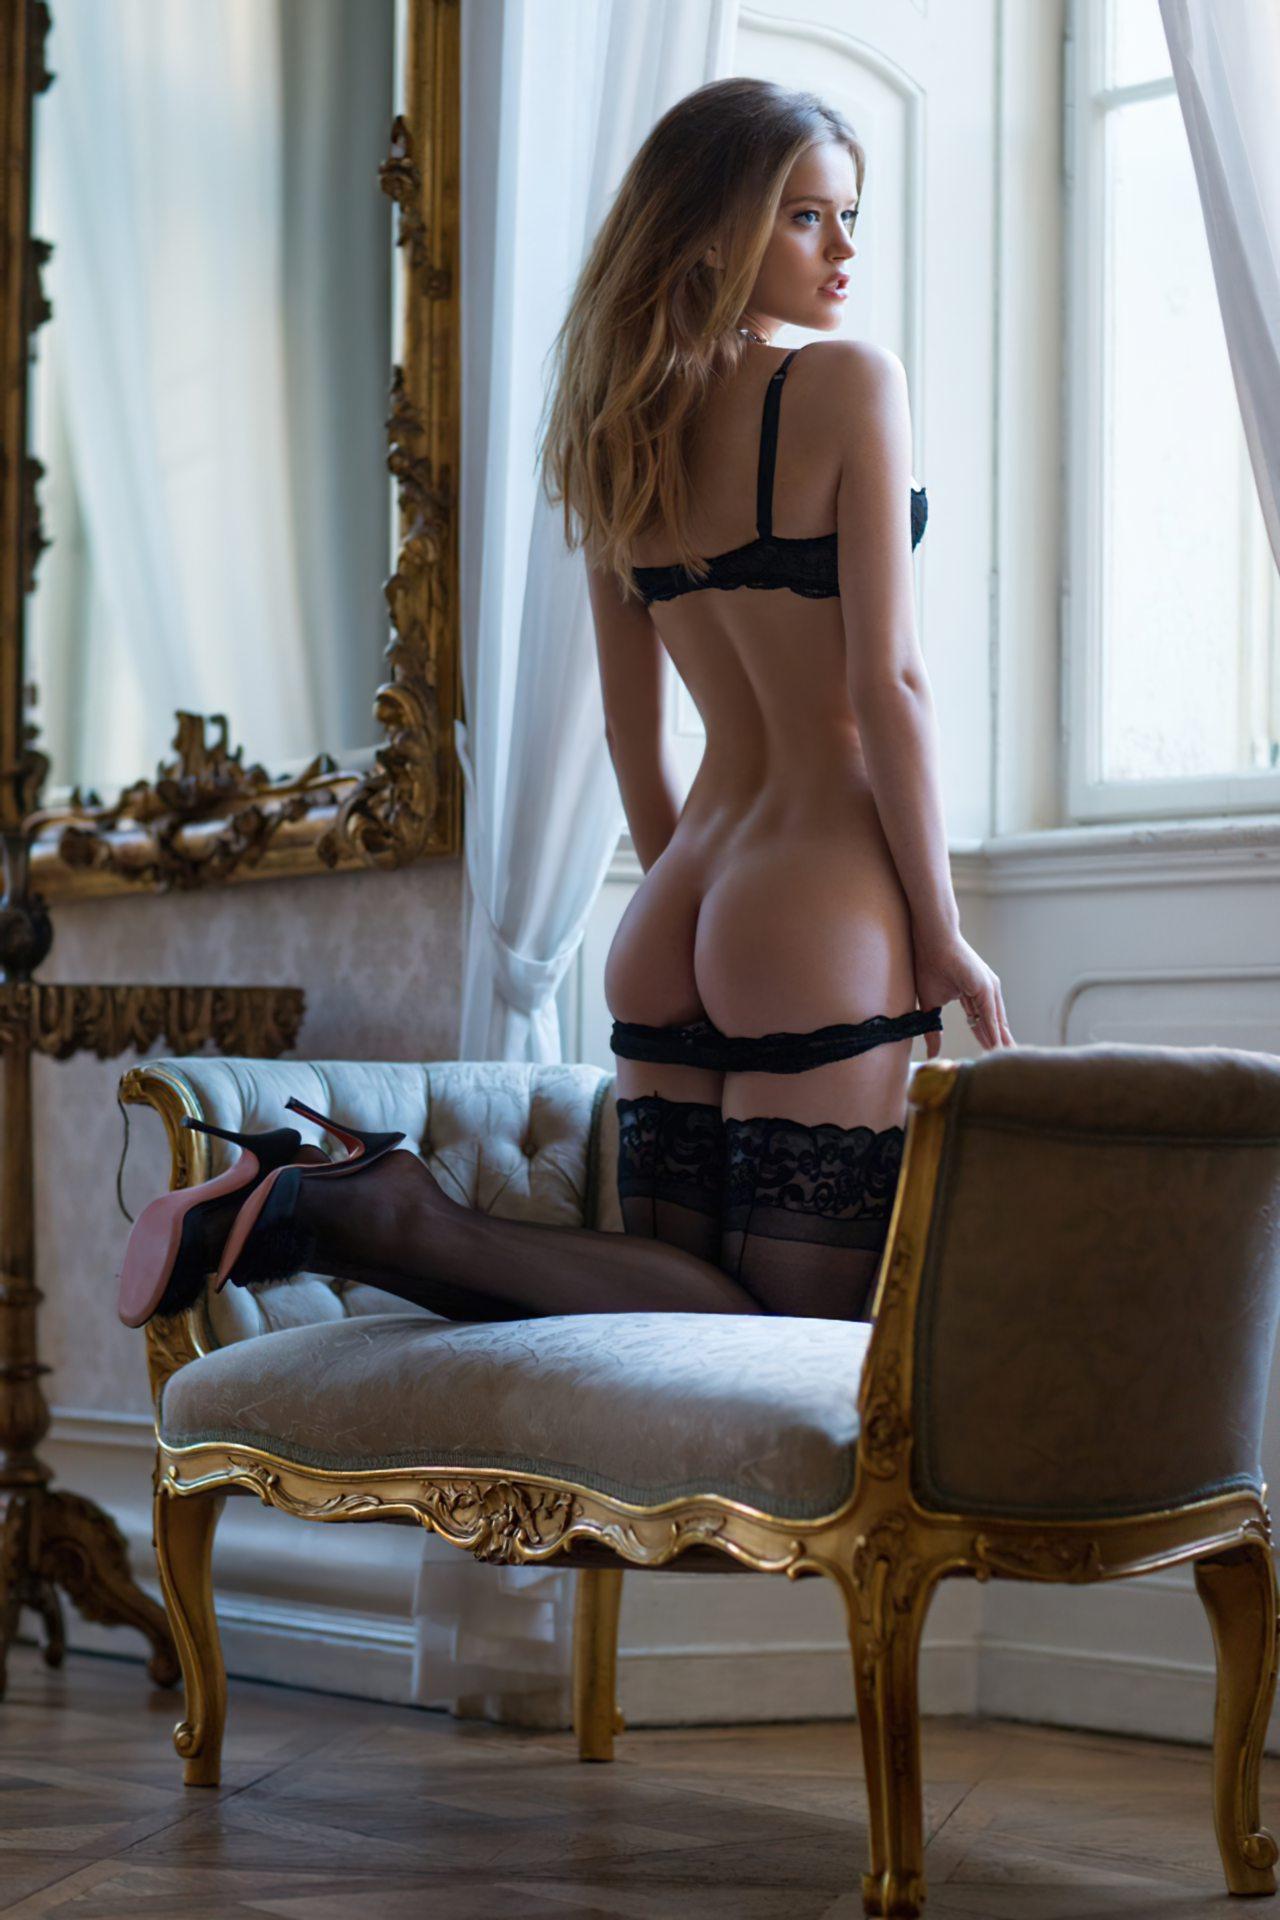 Mulheres da Playboy em Lingerie (3)